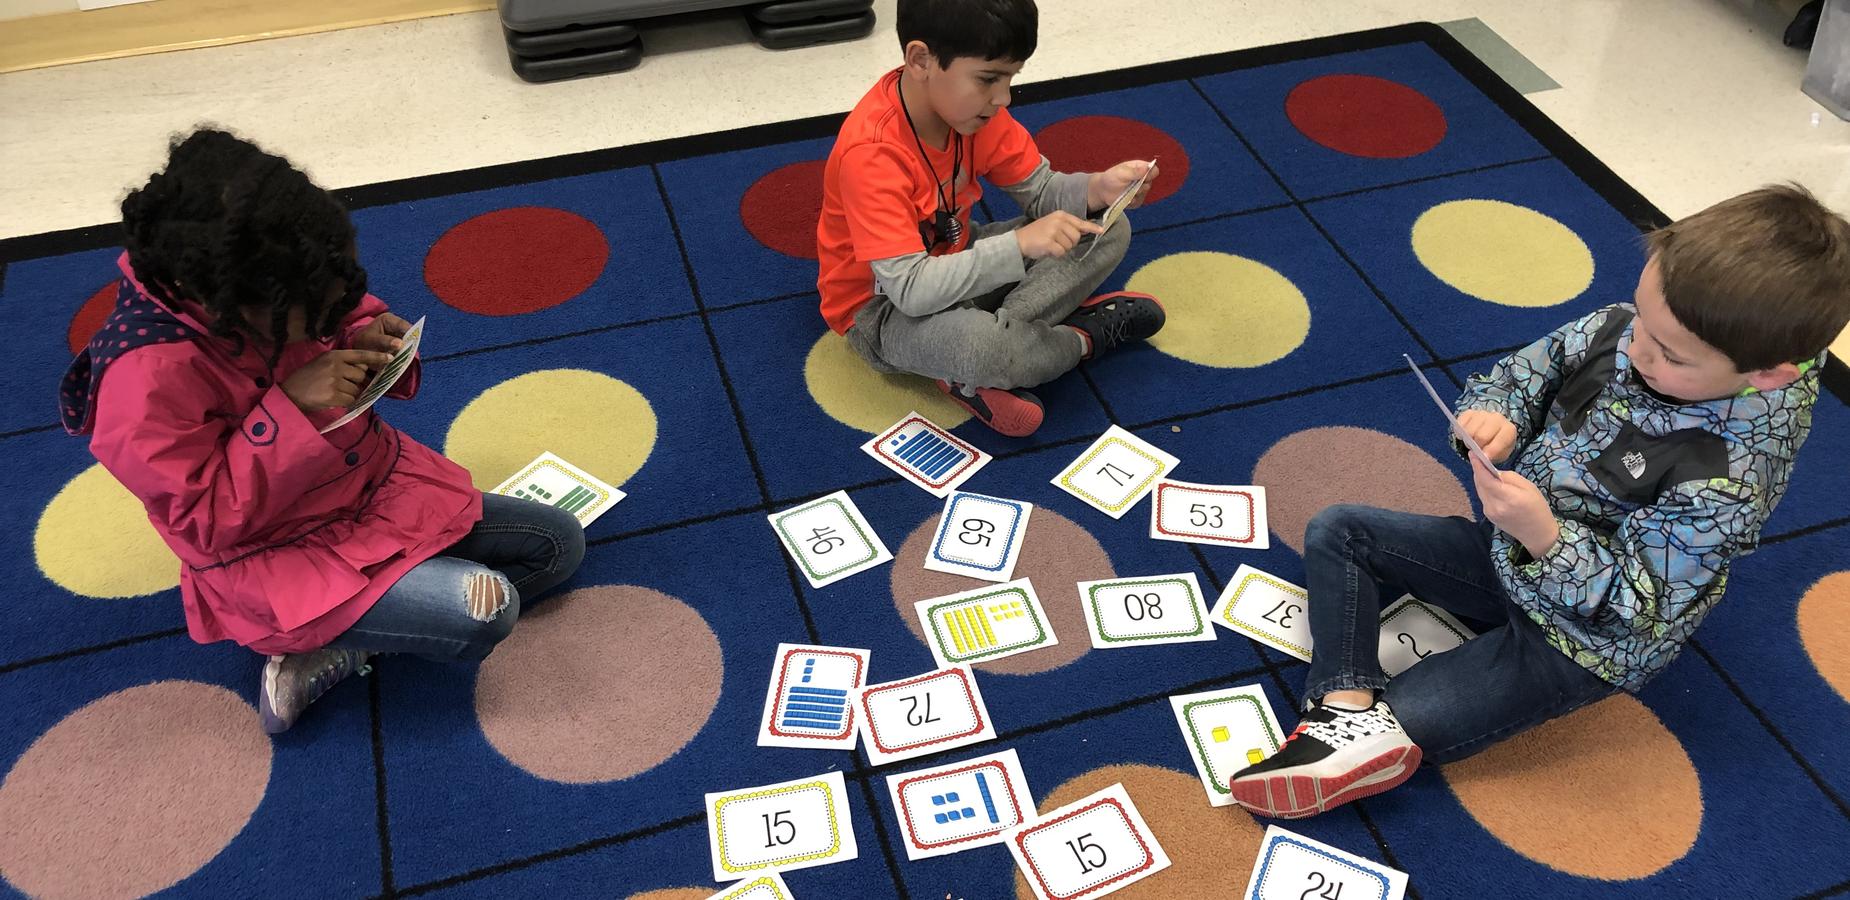 Kindergarten students working with numbers